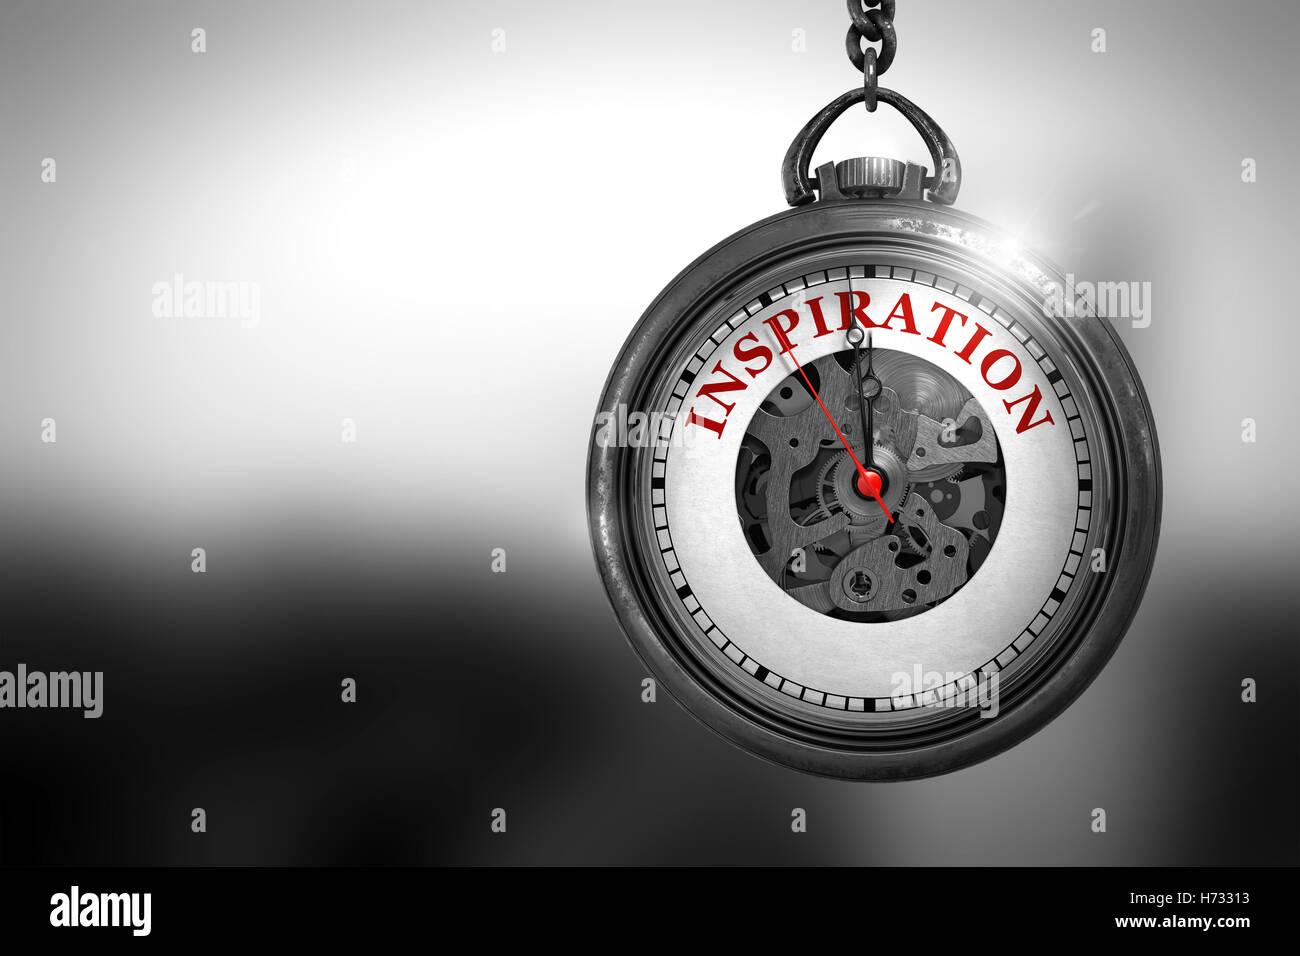 Inspiration sur montre de poche. 3D Illustration. Photo Stock